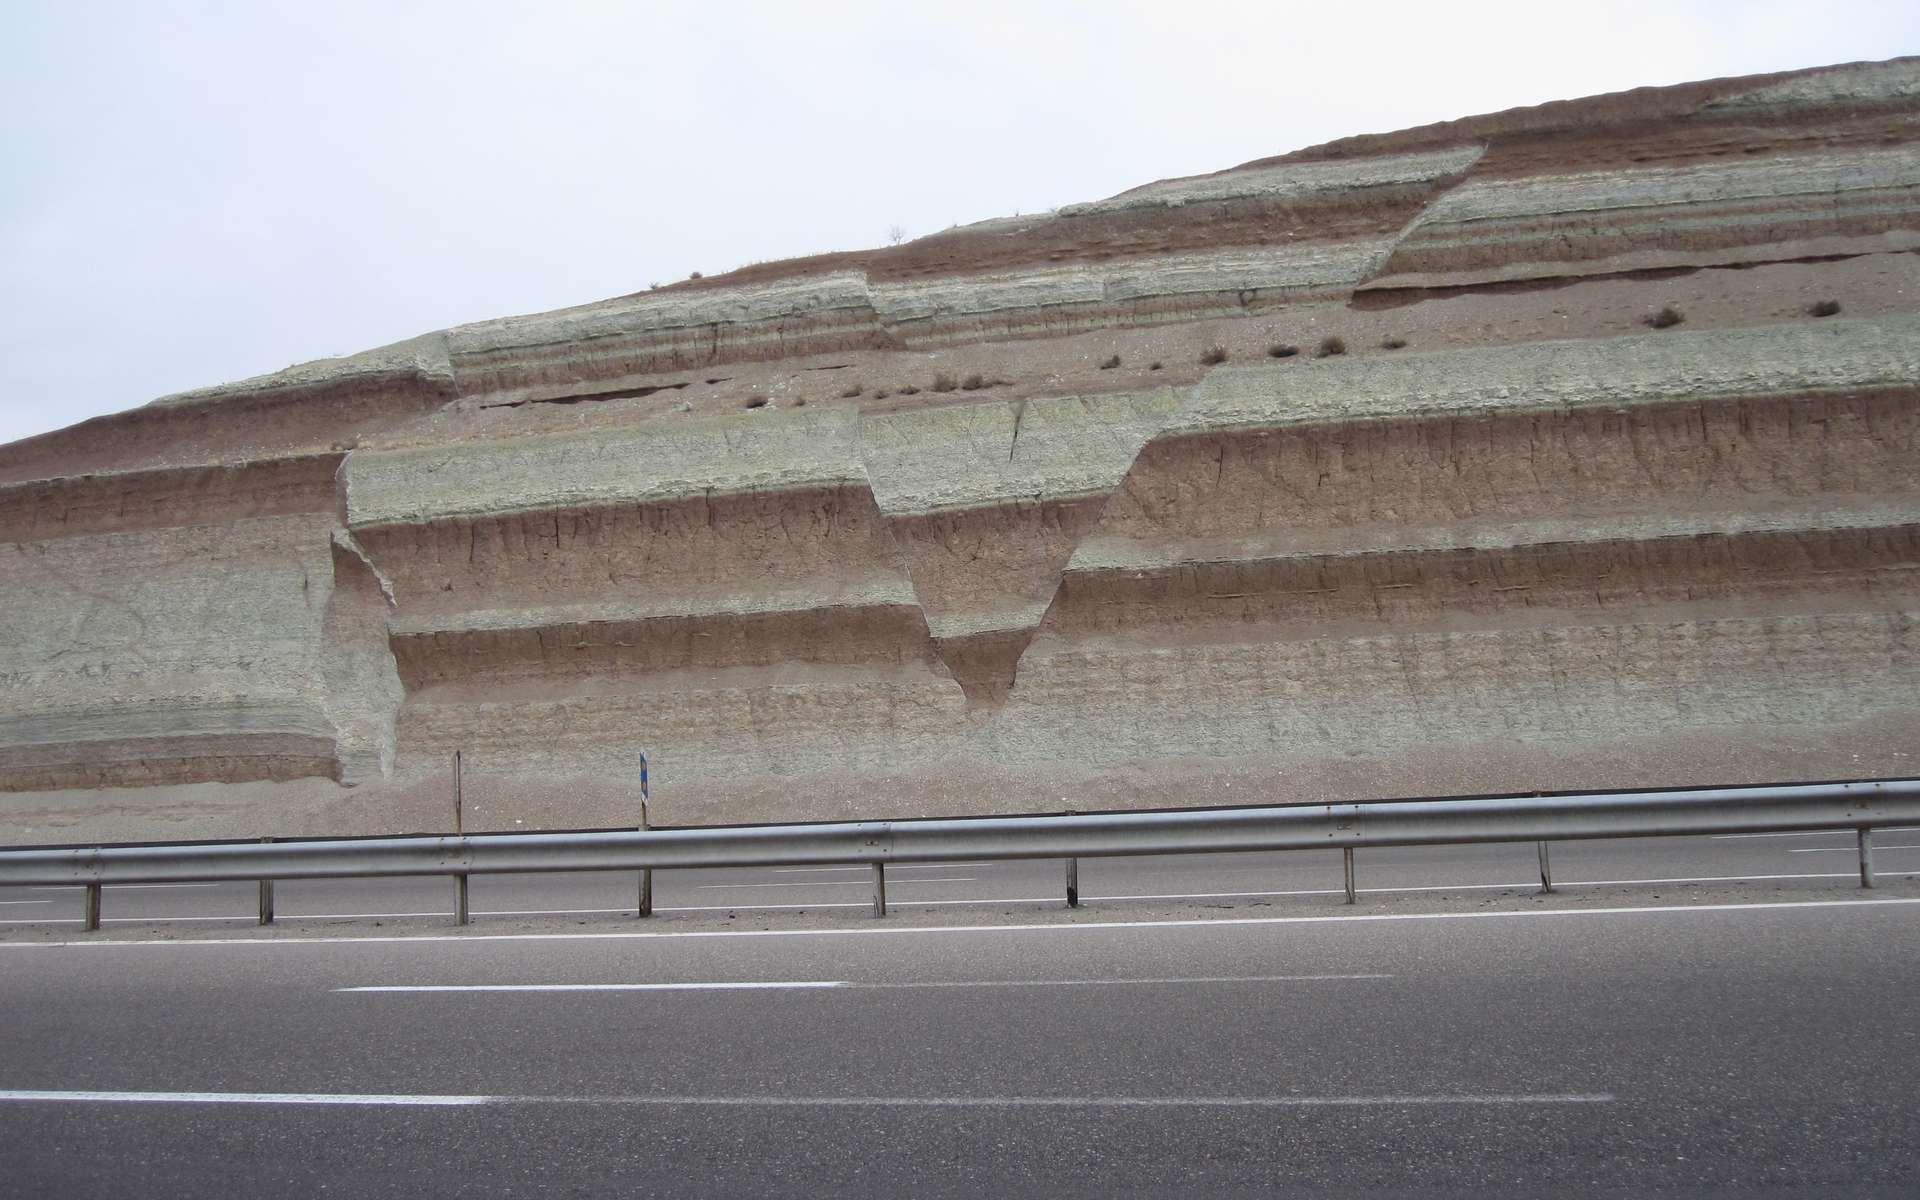 Failles affectant la stratification régulière de roches sédimentaires, marqueur d'un événement tectonique. © Babak Hejrani, imaggeo.egu.eu